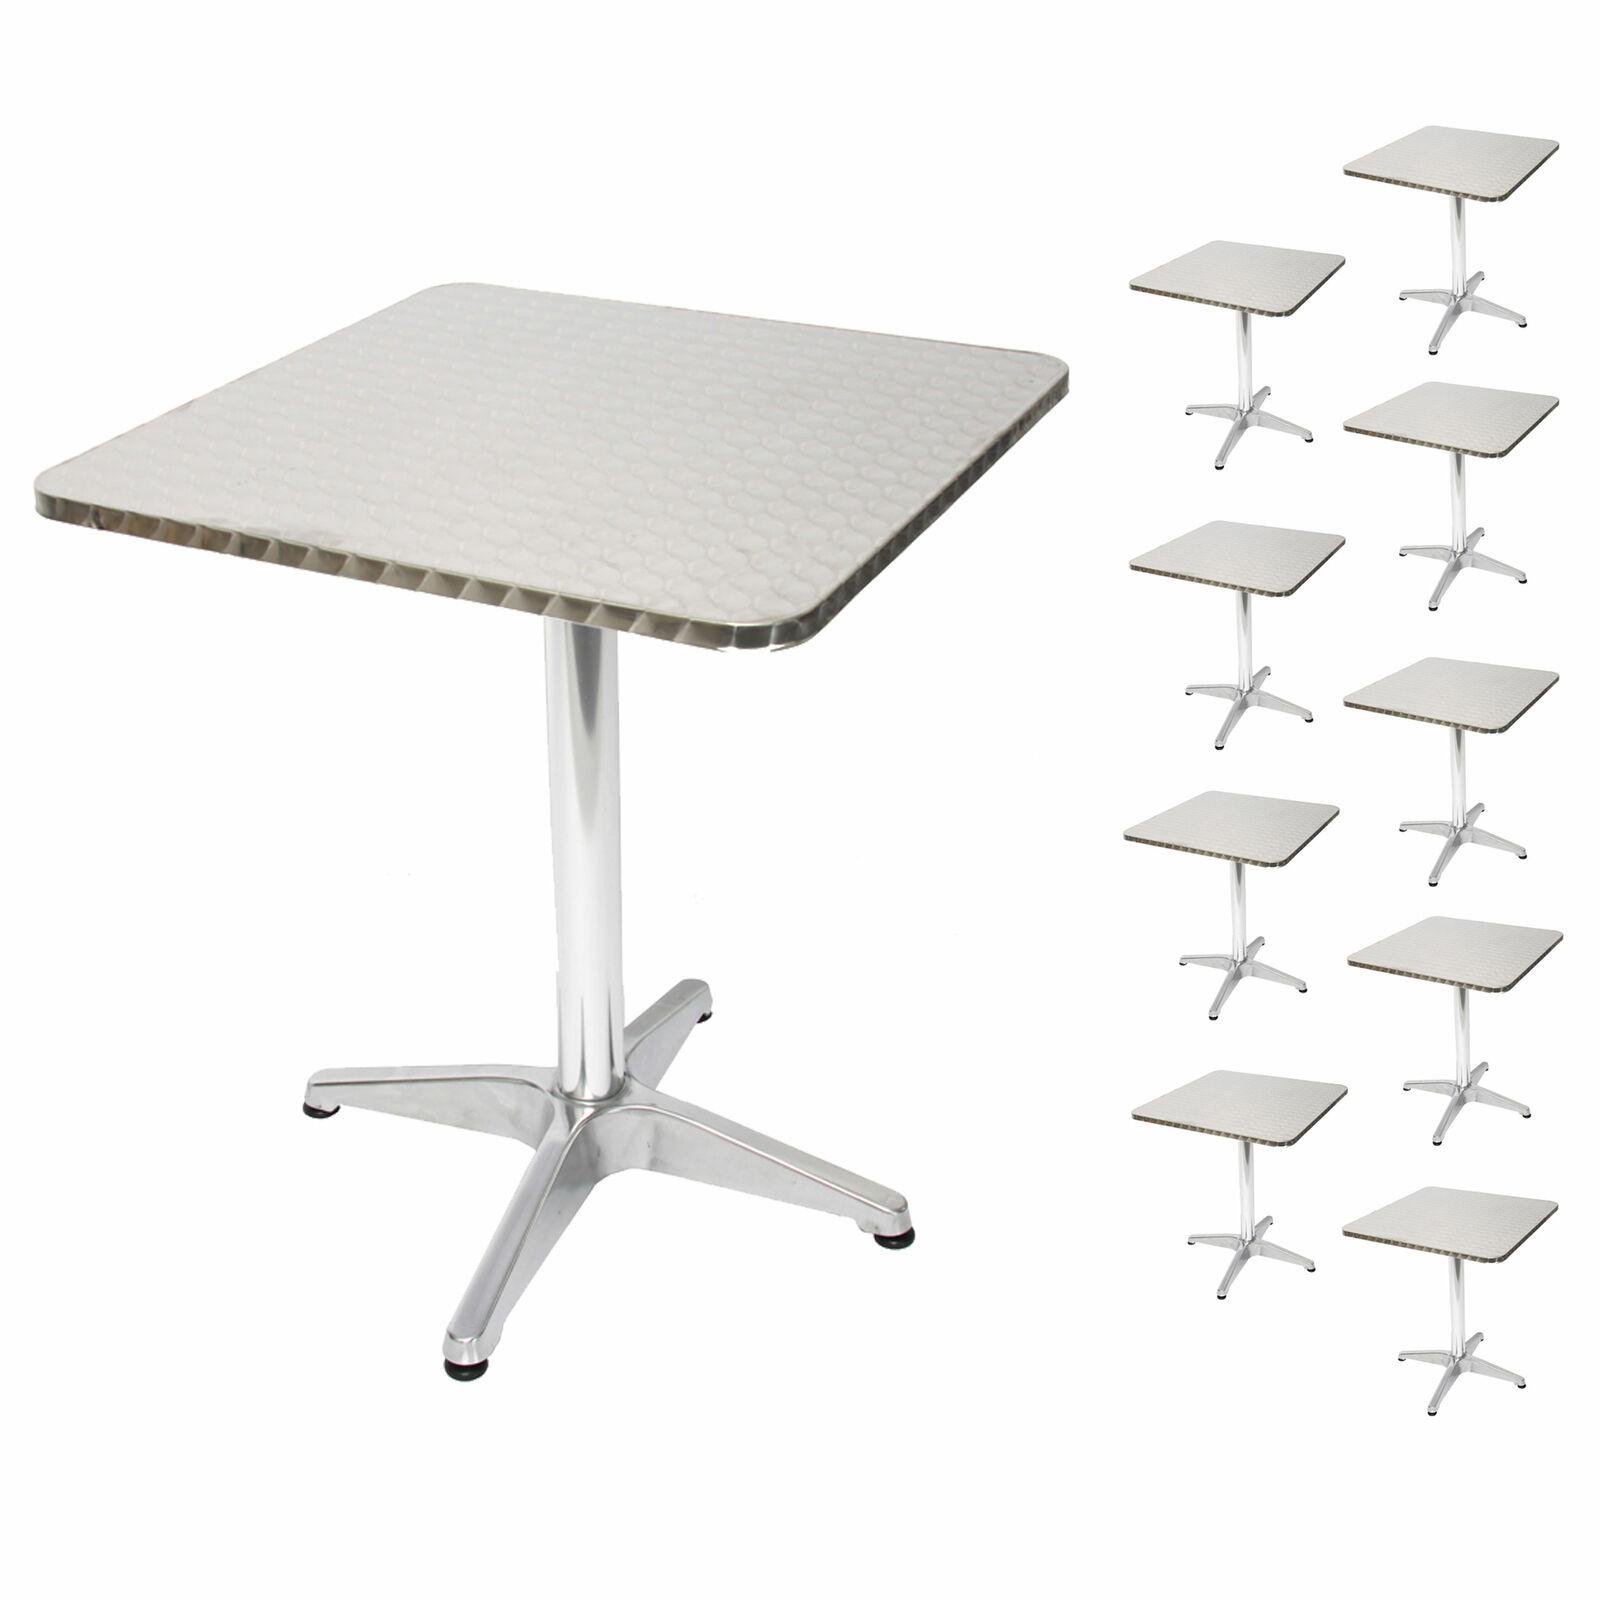 10x in alluminio-tavolo bistrot h28, Set Tavolo da giardino tavolo, rettangolare 60 cm